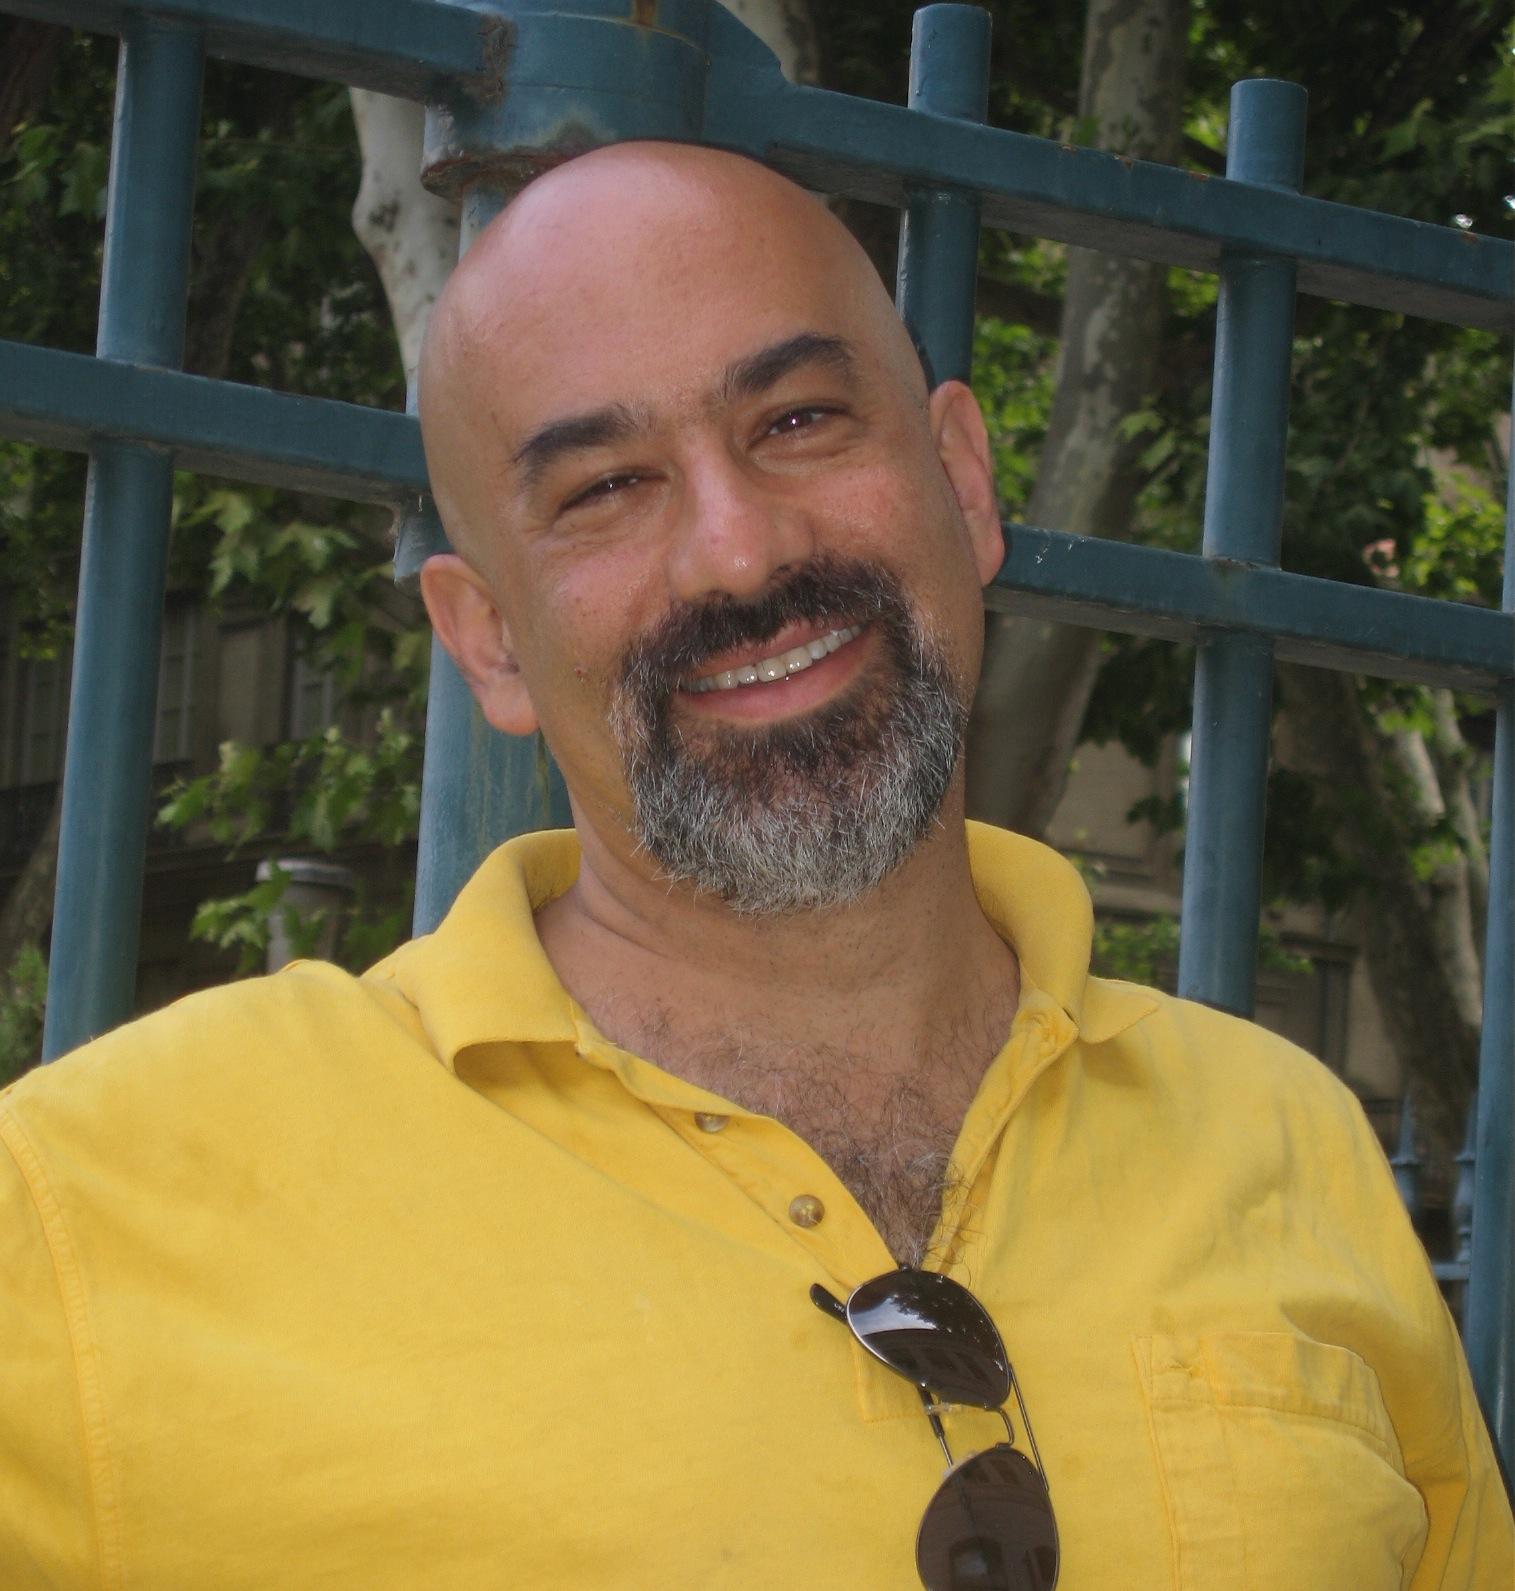 David Spergel, Astrophysicist